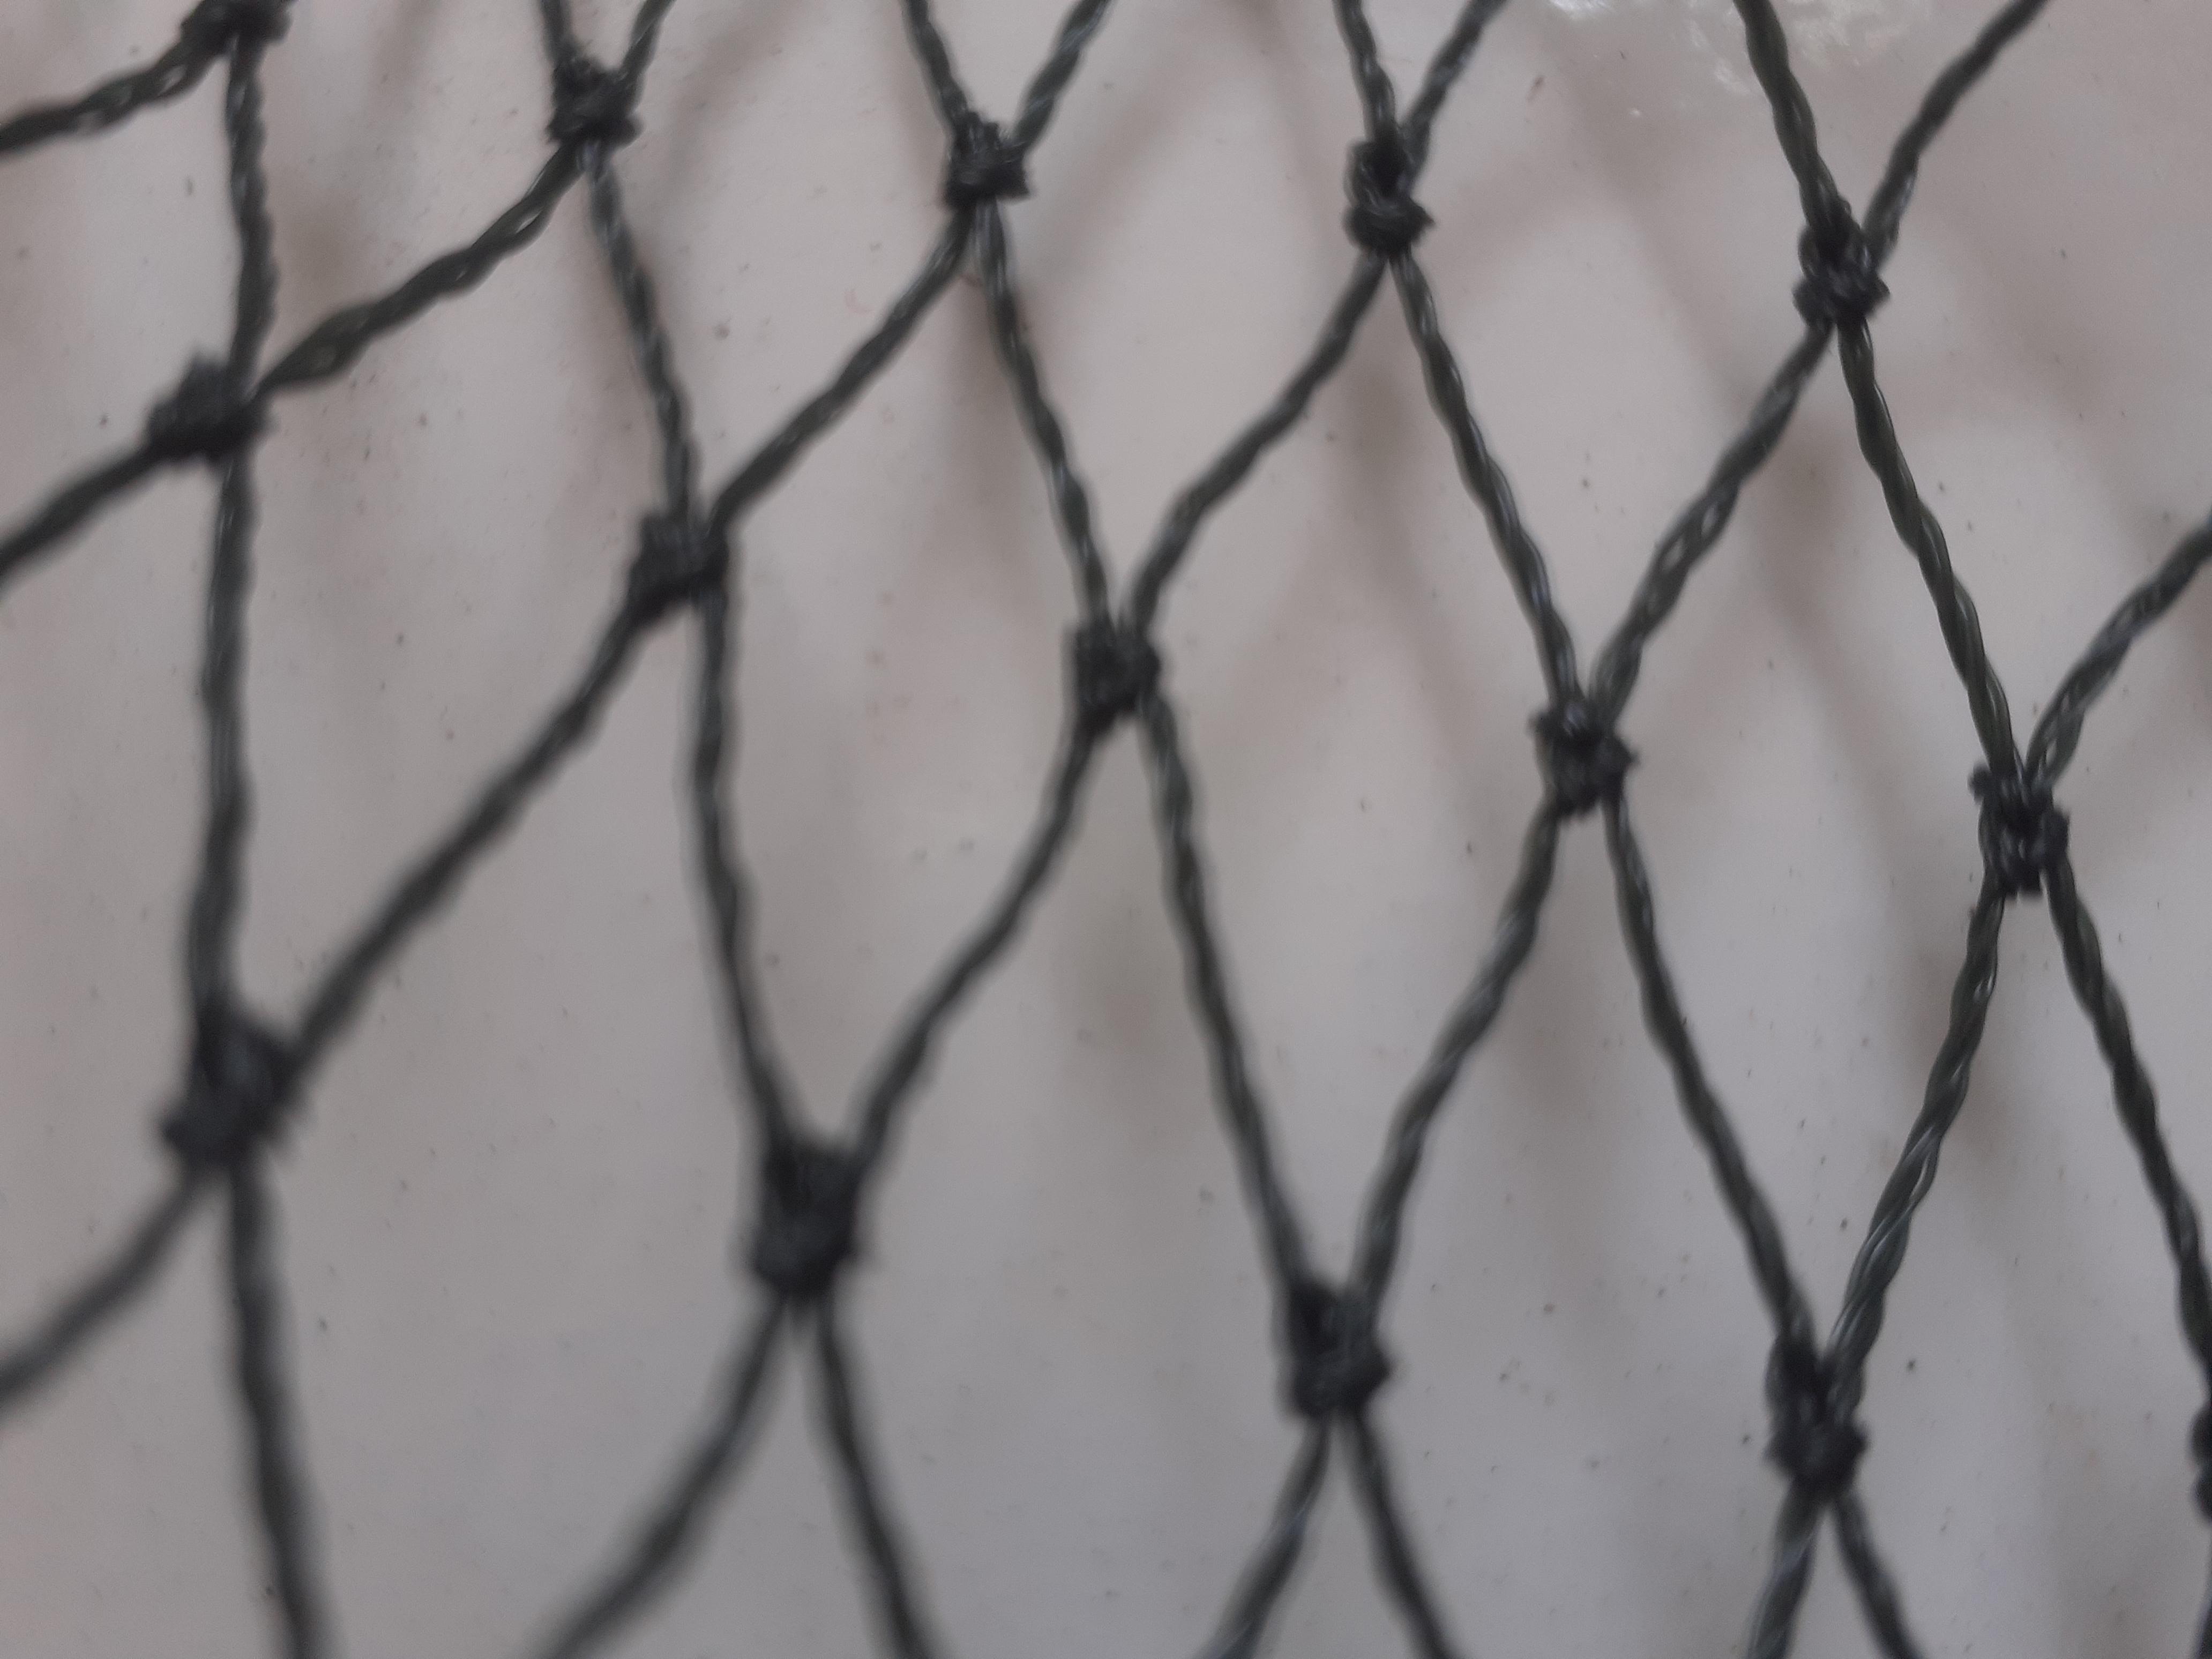 jaring serbaguna lobang kecil 1,6 cm x 1,6 cm eceran jaring mandi bola, jaring pengaman, jaring proyek, jaring ikan, jaring kandang ternak, jaring bola pingpong, cricket net, paint ball, jaring golf